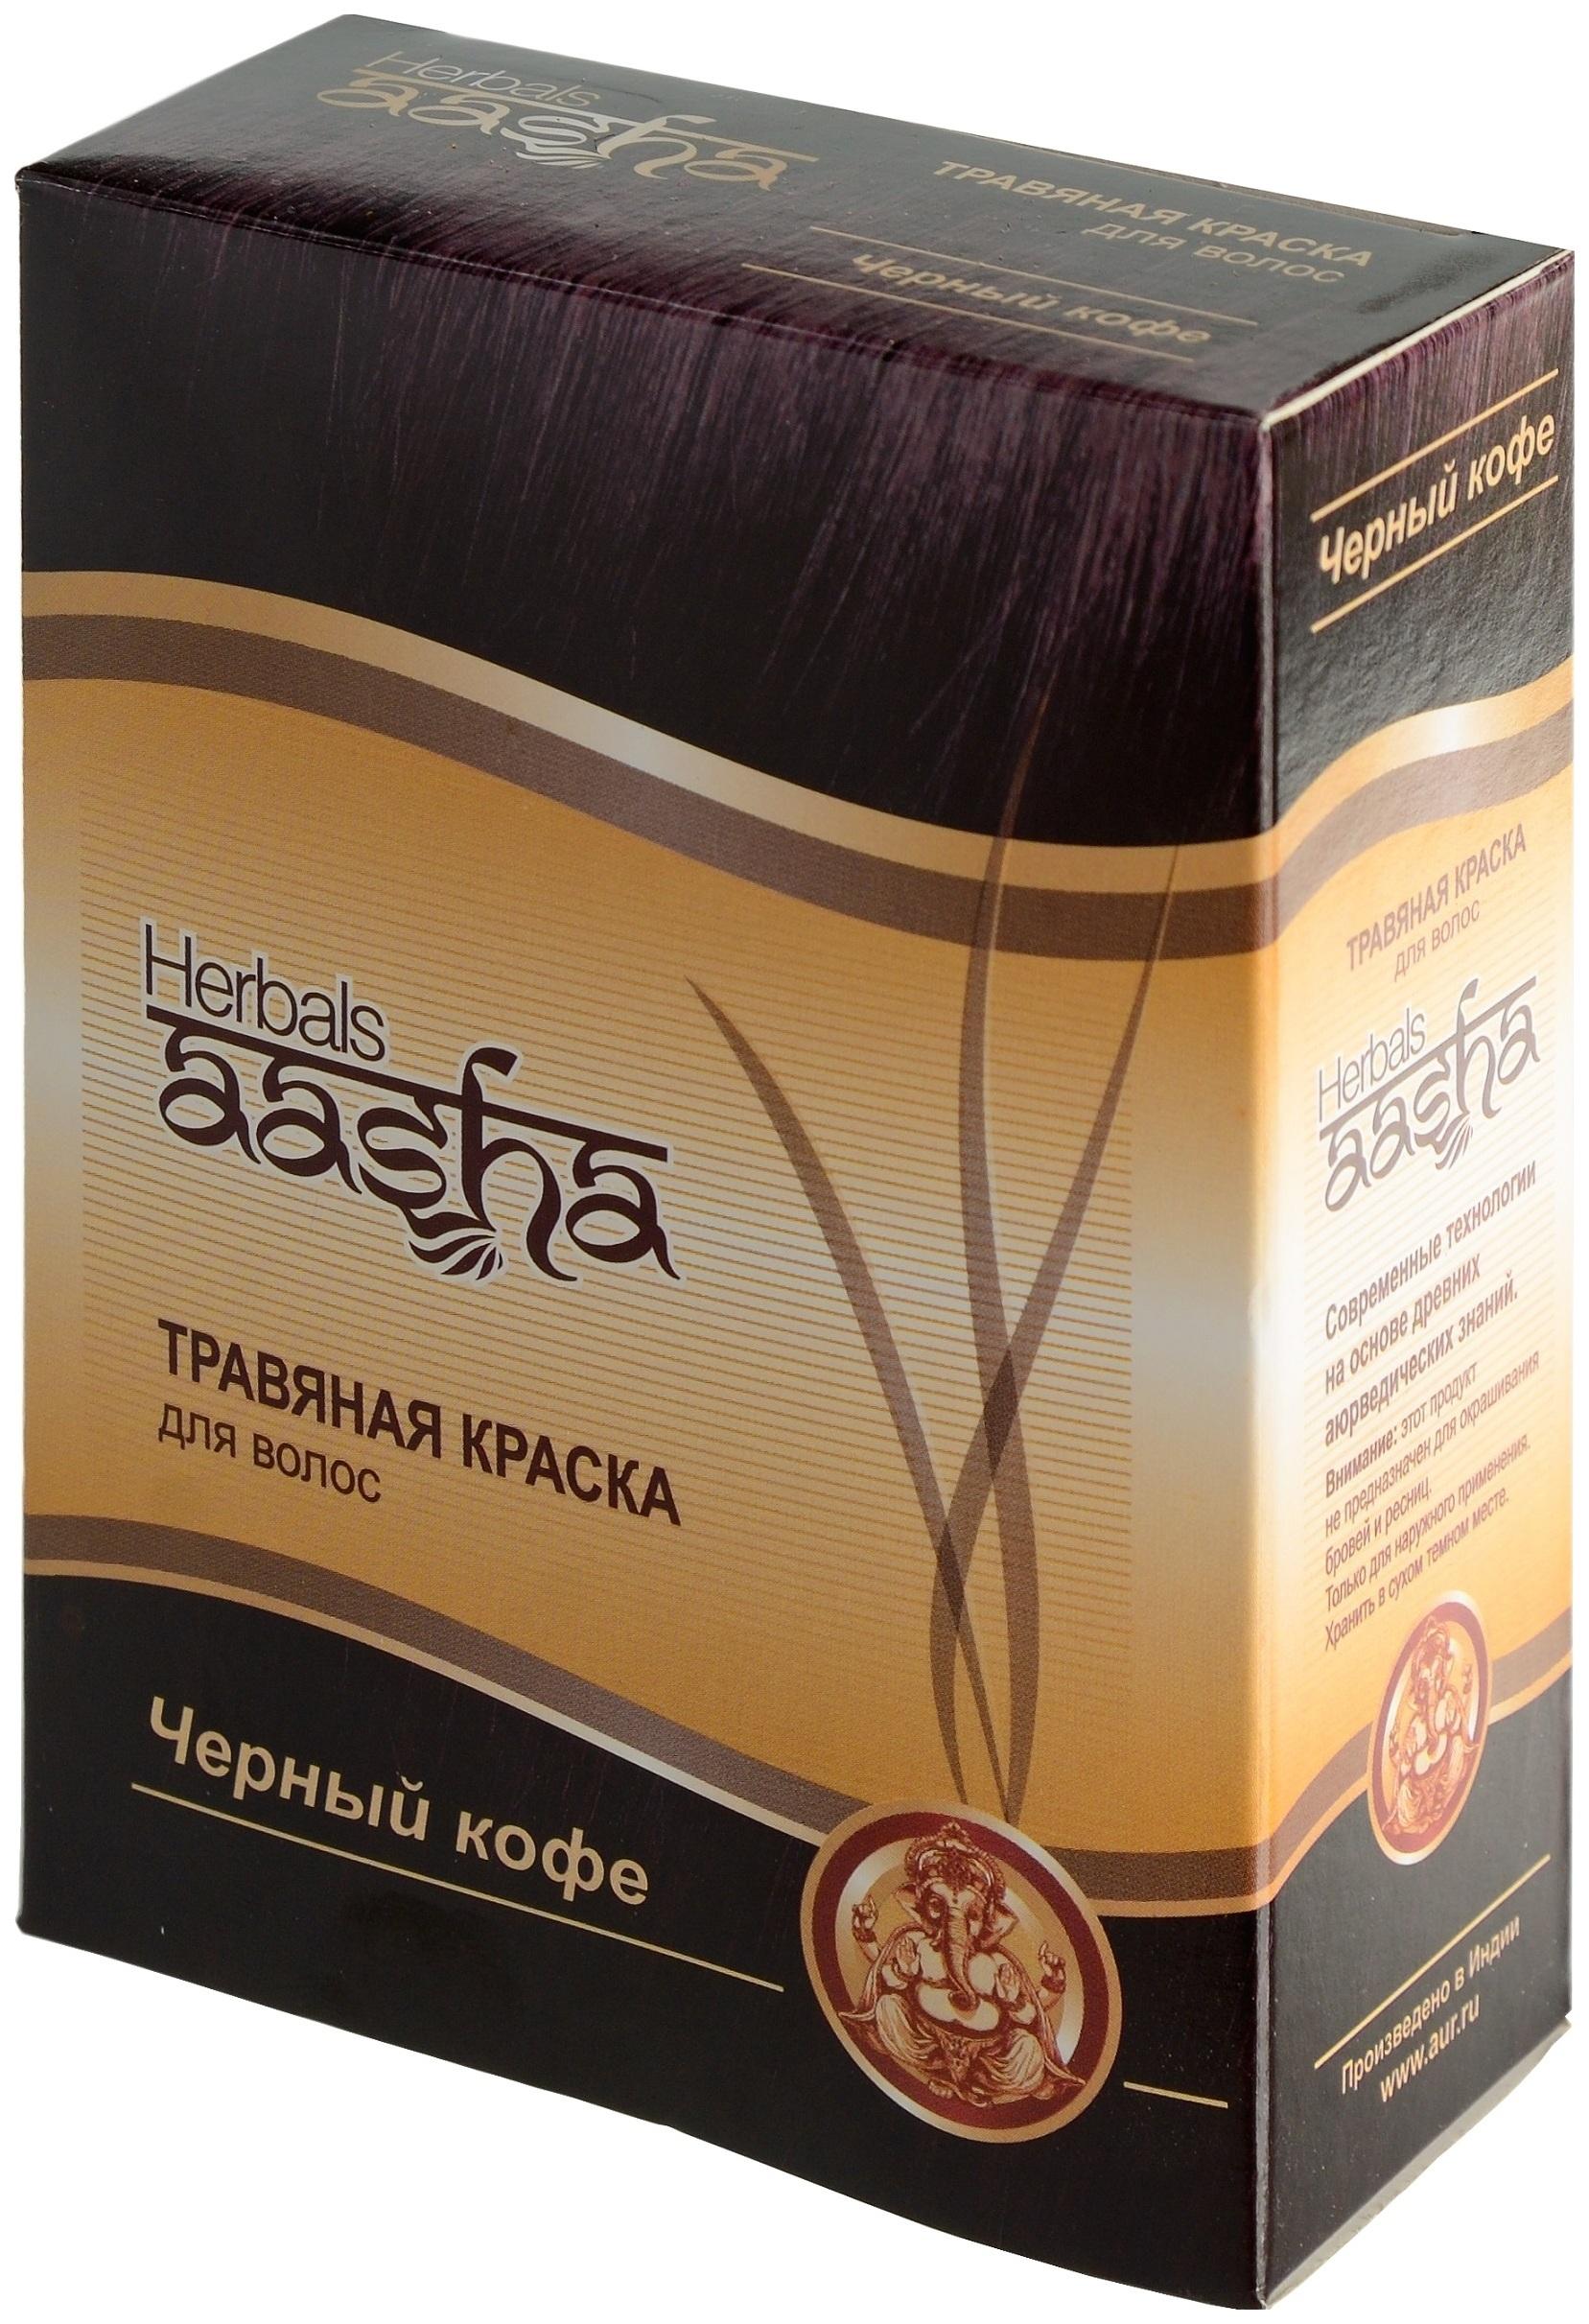 Купить Краска для волос Aasha Травяная Черный кофе 60 г, Aasha Herbals